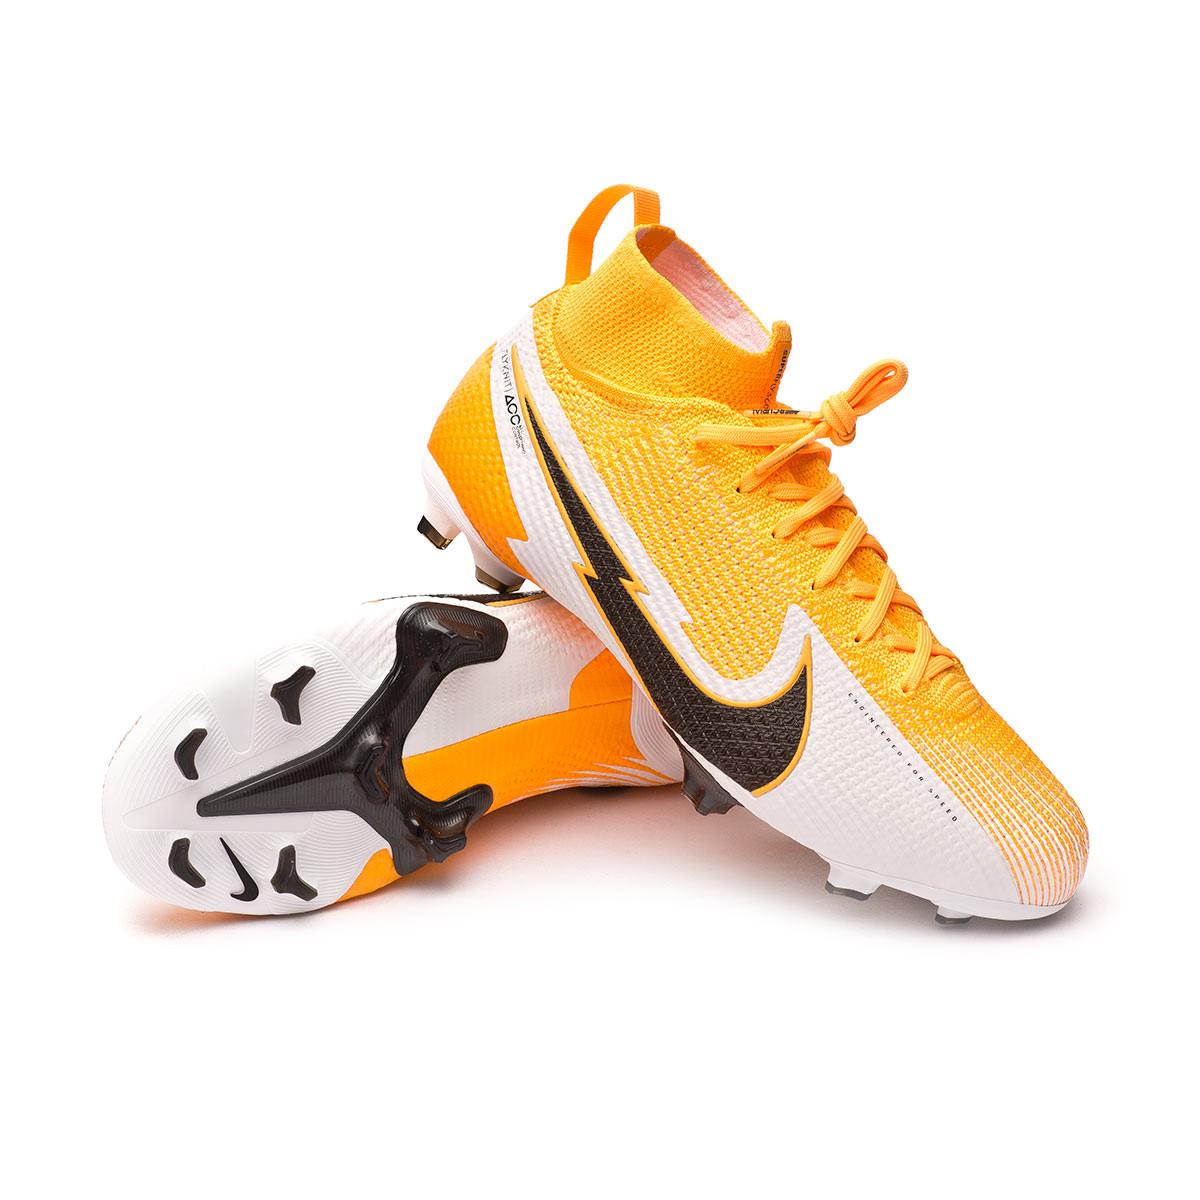 Laos mostaza Jarra  Zapatos de fútbol Nike Mercurial Superfly VII Elite FG Niño Laser  orange-Black-White-Laser orange - Tienda de fútbol Fútbol Emotion